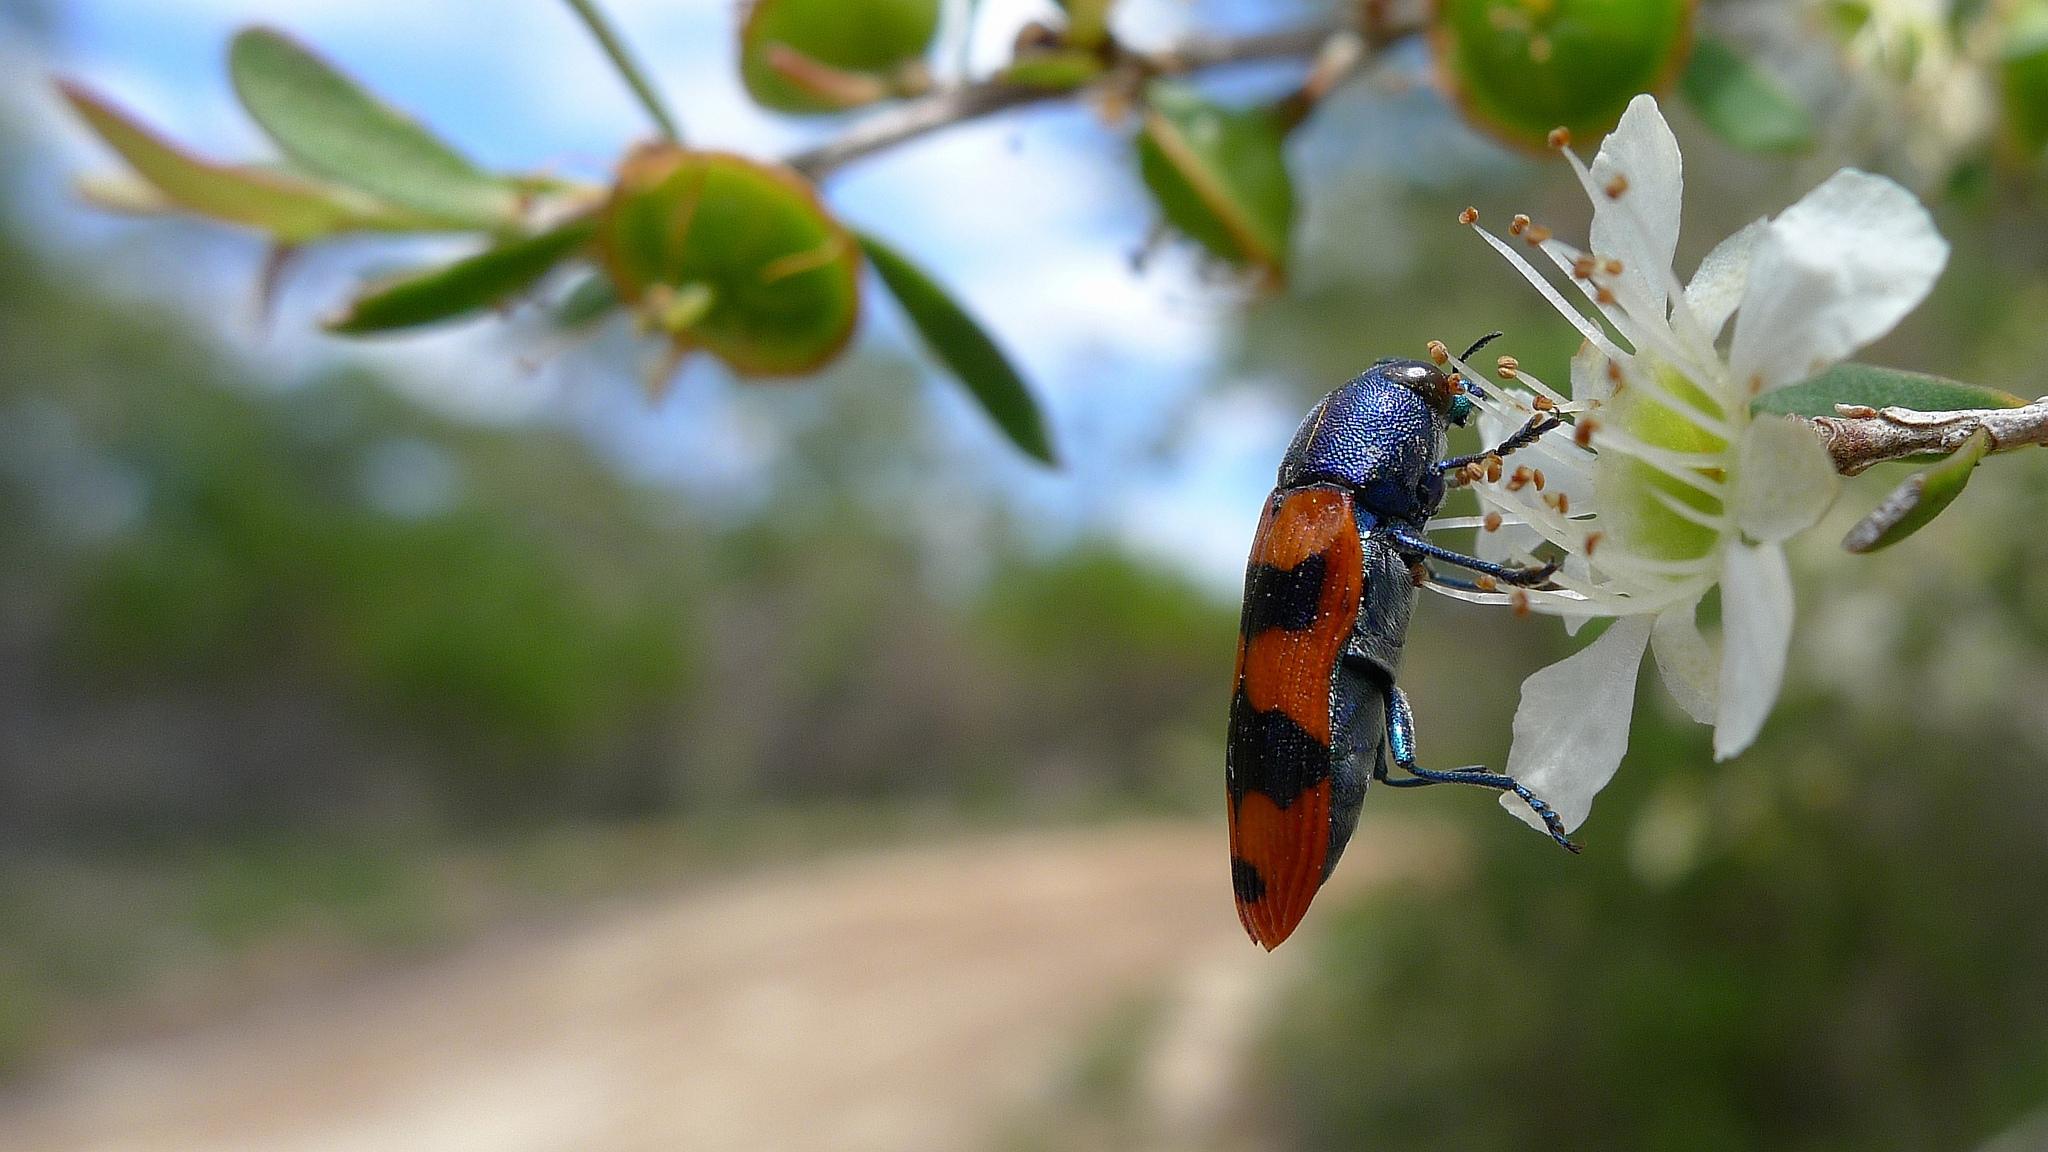 Dharawal National Park